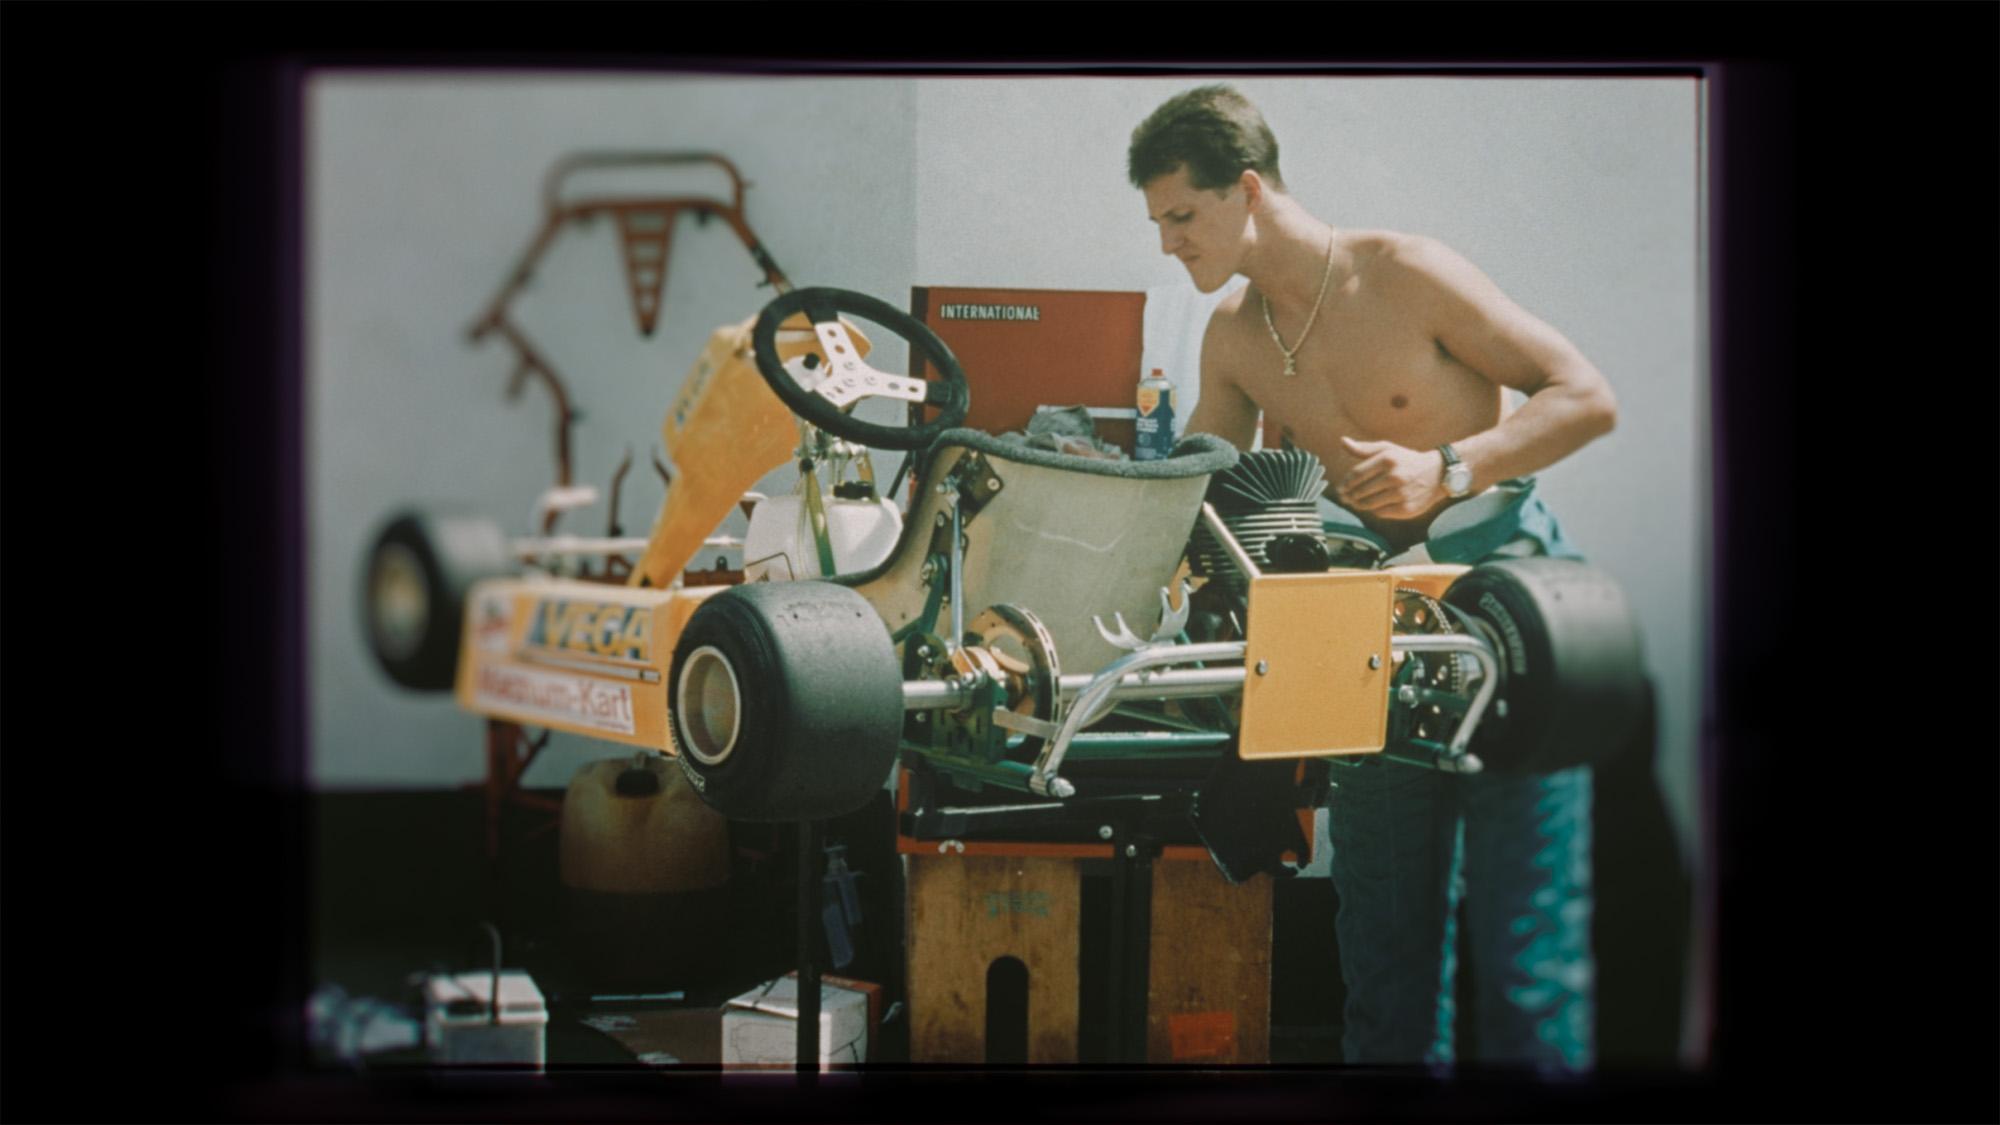 Michael Schumacher with go kart